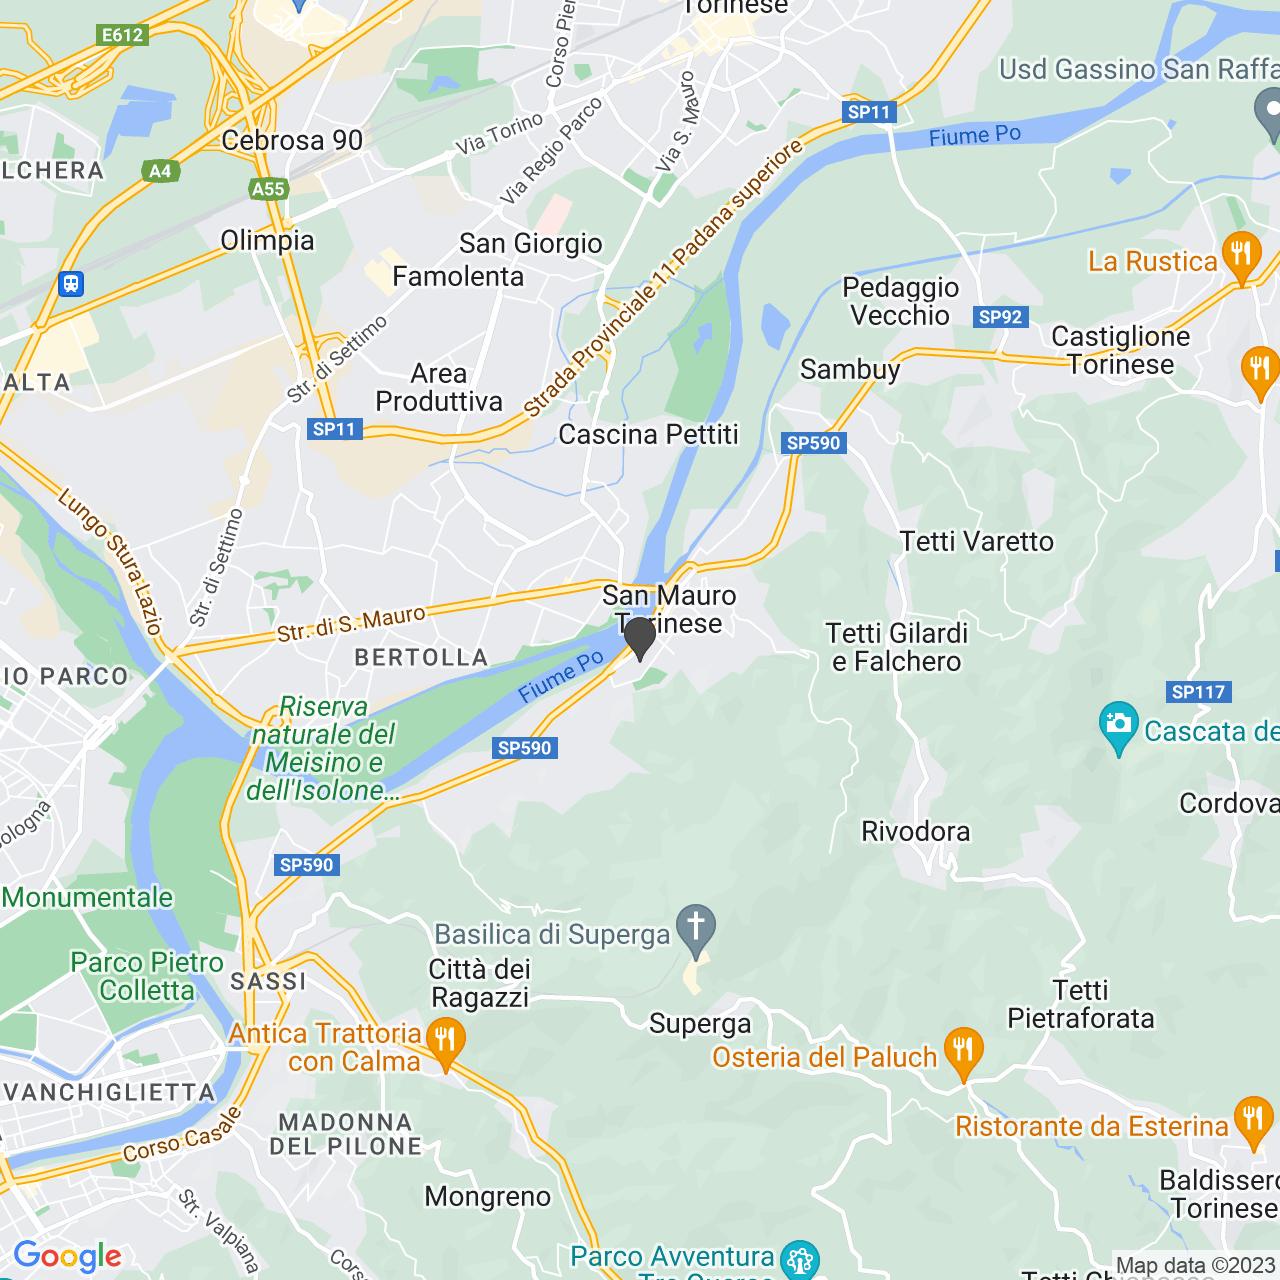 CIMITERO SAN MAURO TORINESE